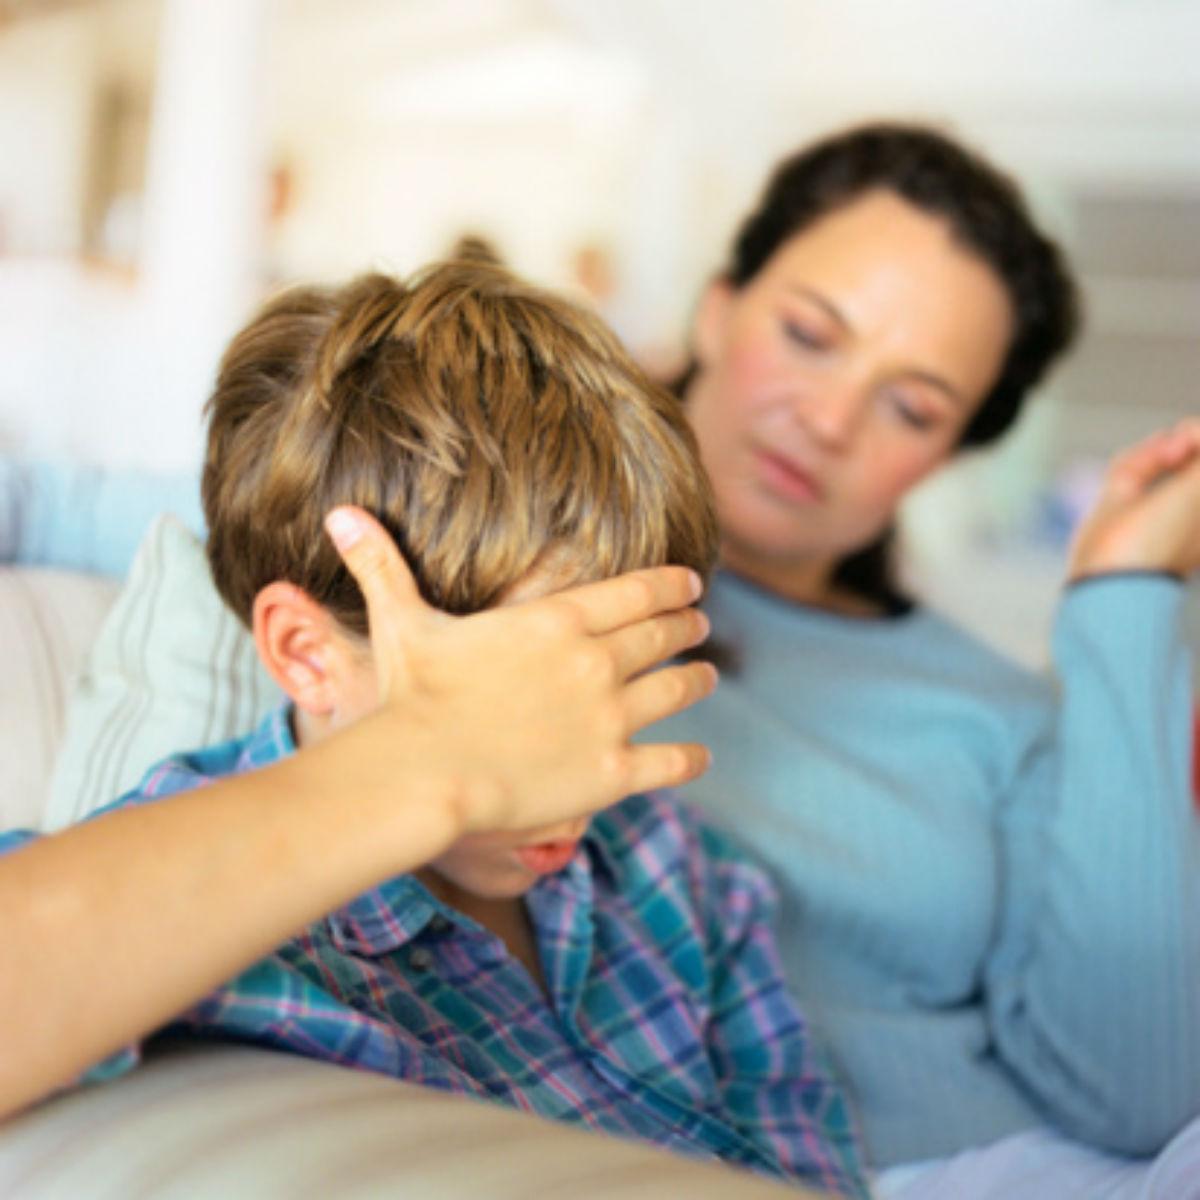 Шикарная статья психолога — к прочтению обязательна! Что делать родителям с подростками, которые ничего не хотят